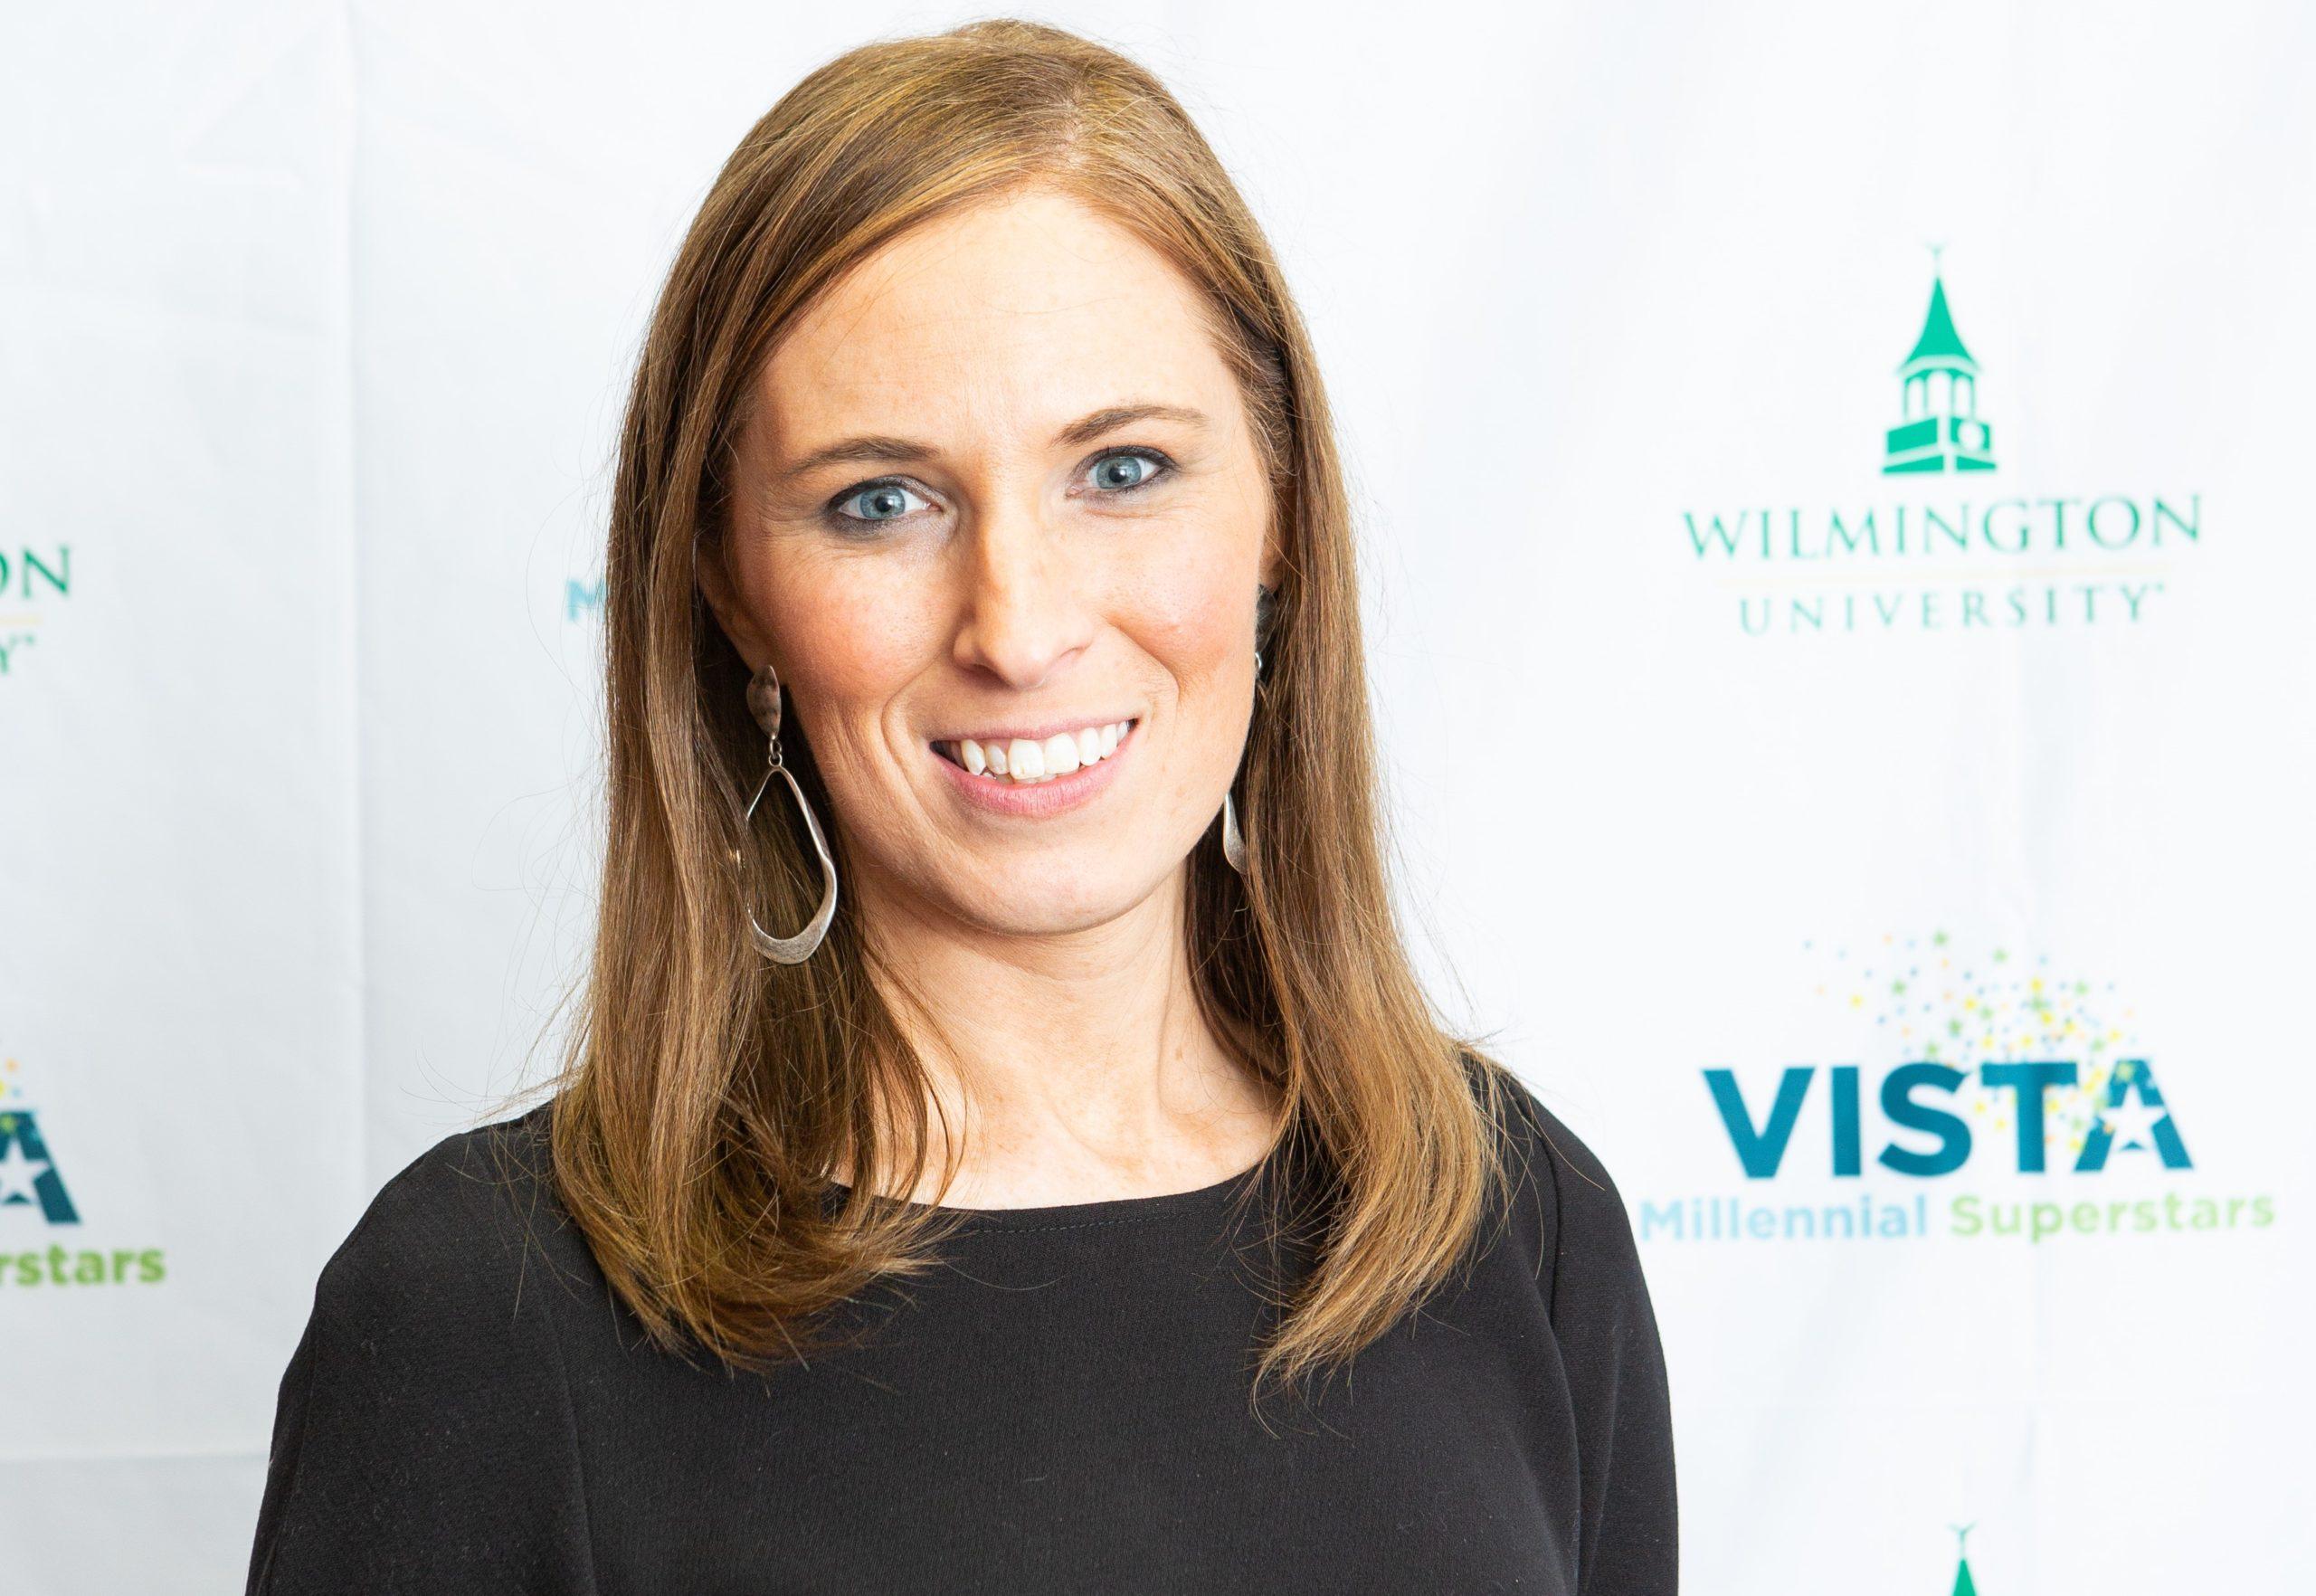 2020 VISTA Millennial Superstars: Kate Sheehan